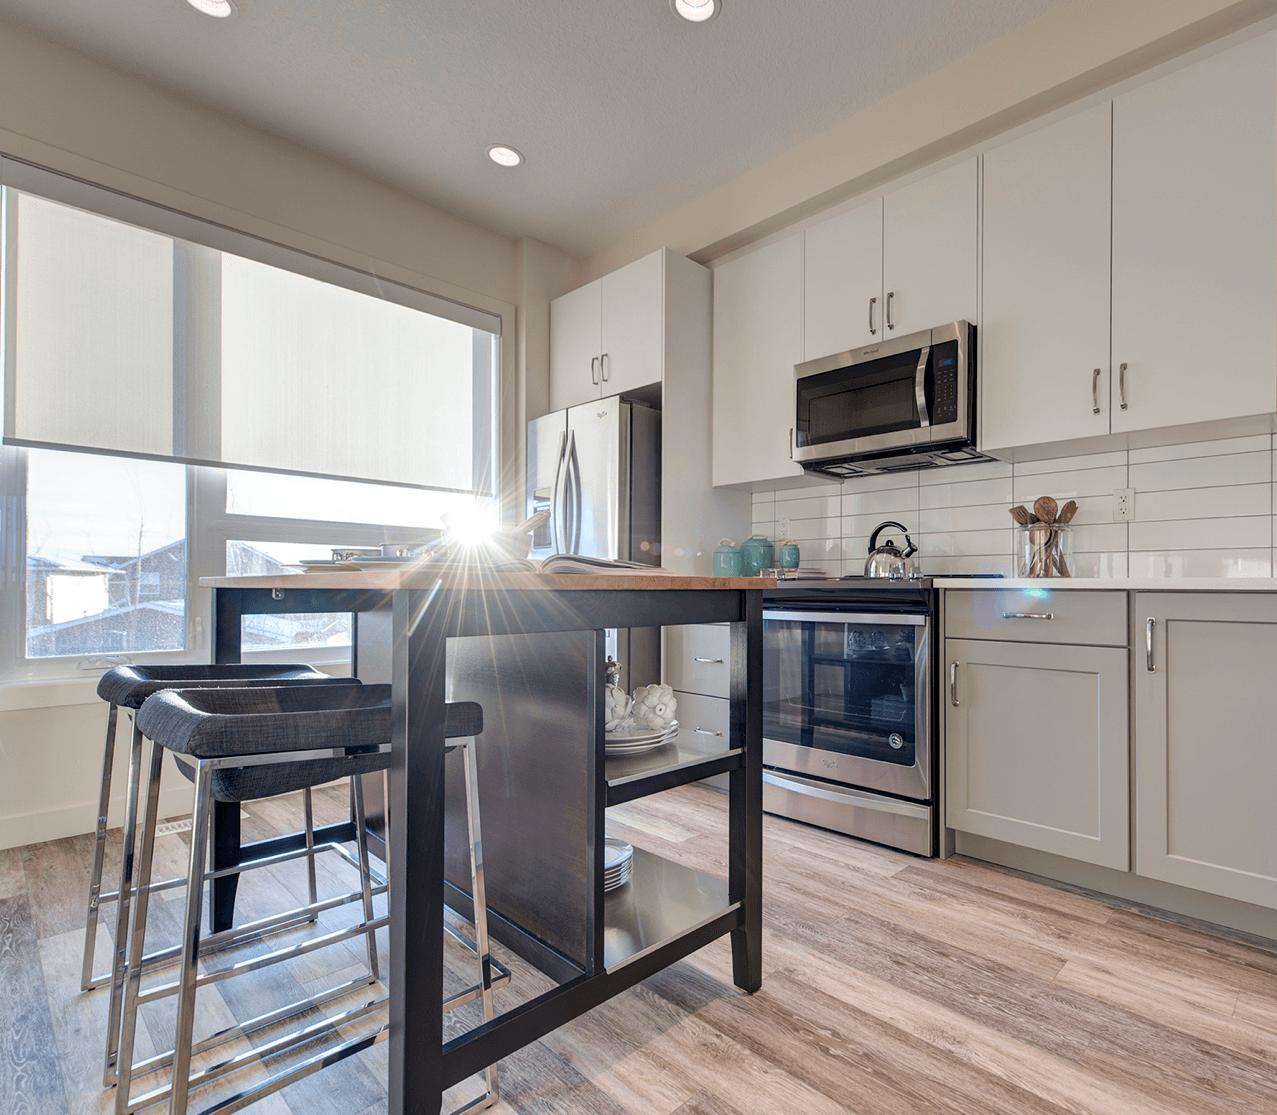 condo furniture ideas. Multi-Purpose Furniture Ideas For Your Condo Kitchen Image